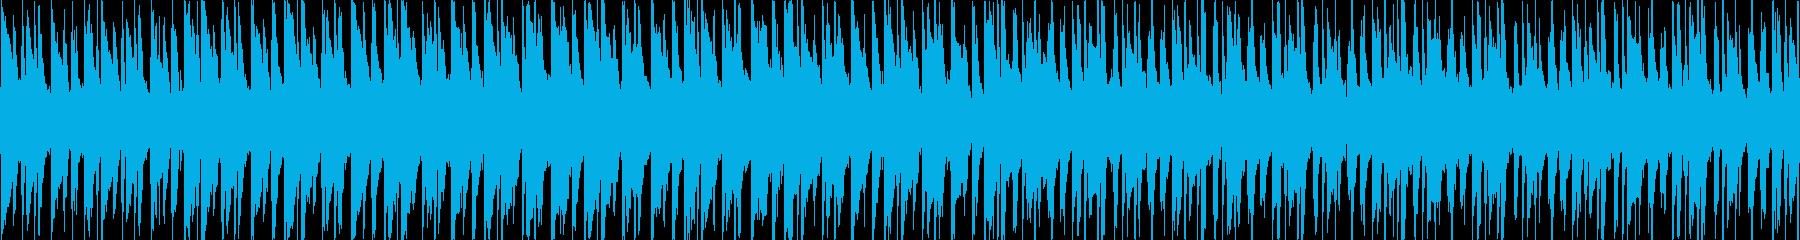 【ループ版】冬のショッピング、ワクワク感の再生済みの波形